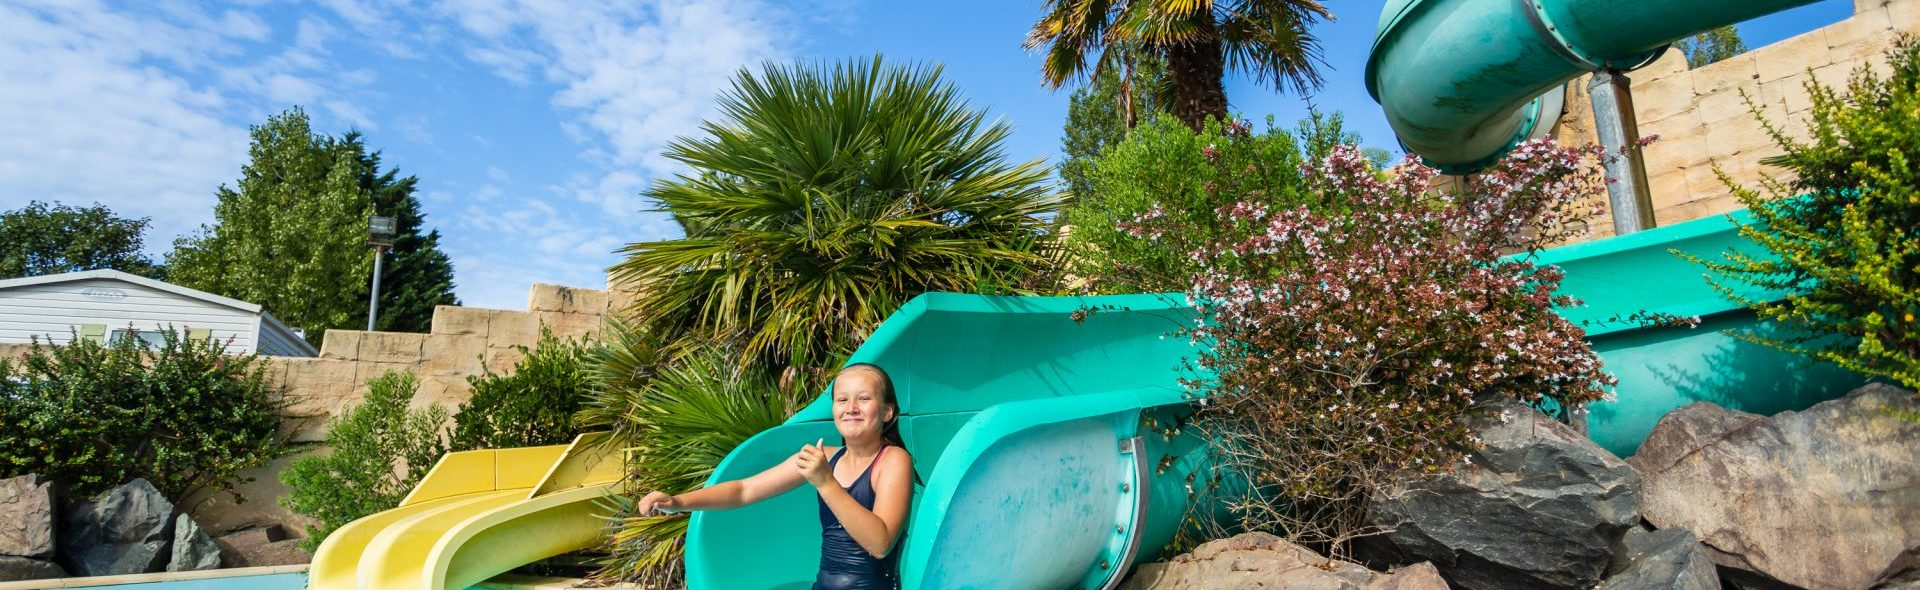 camping vendée avec piscine et toboggans